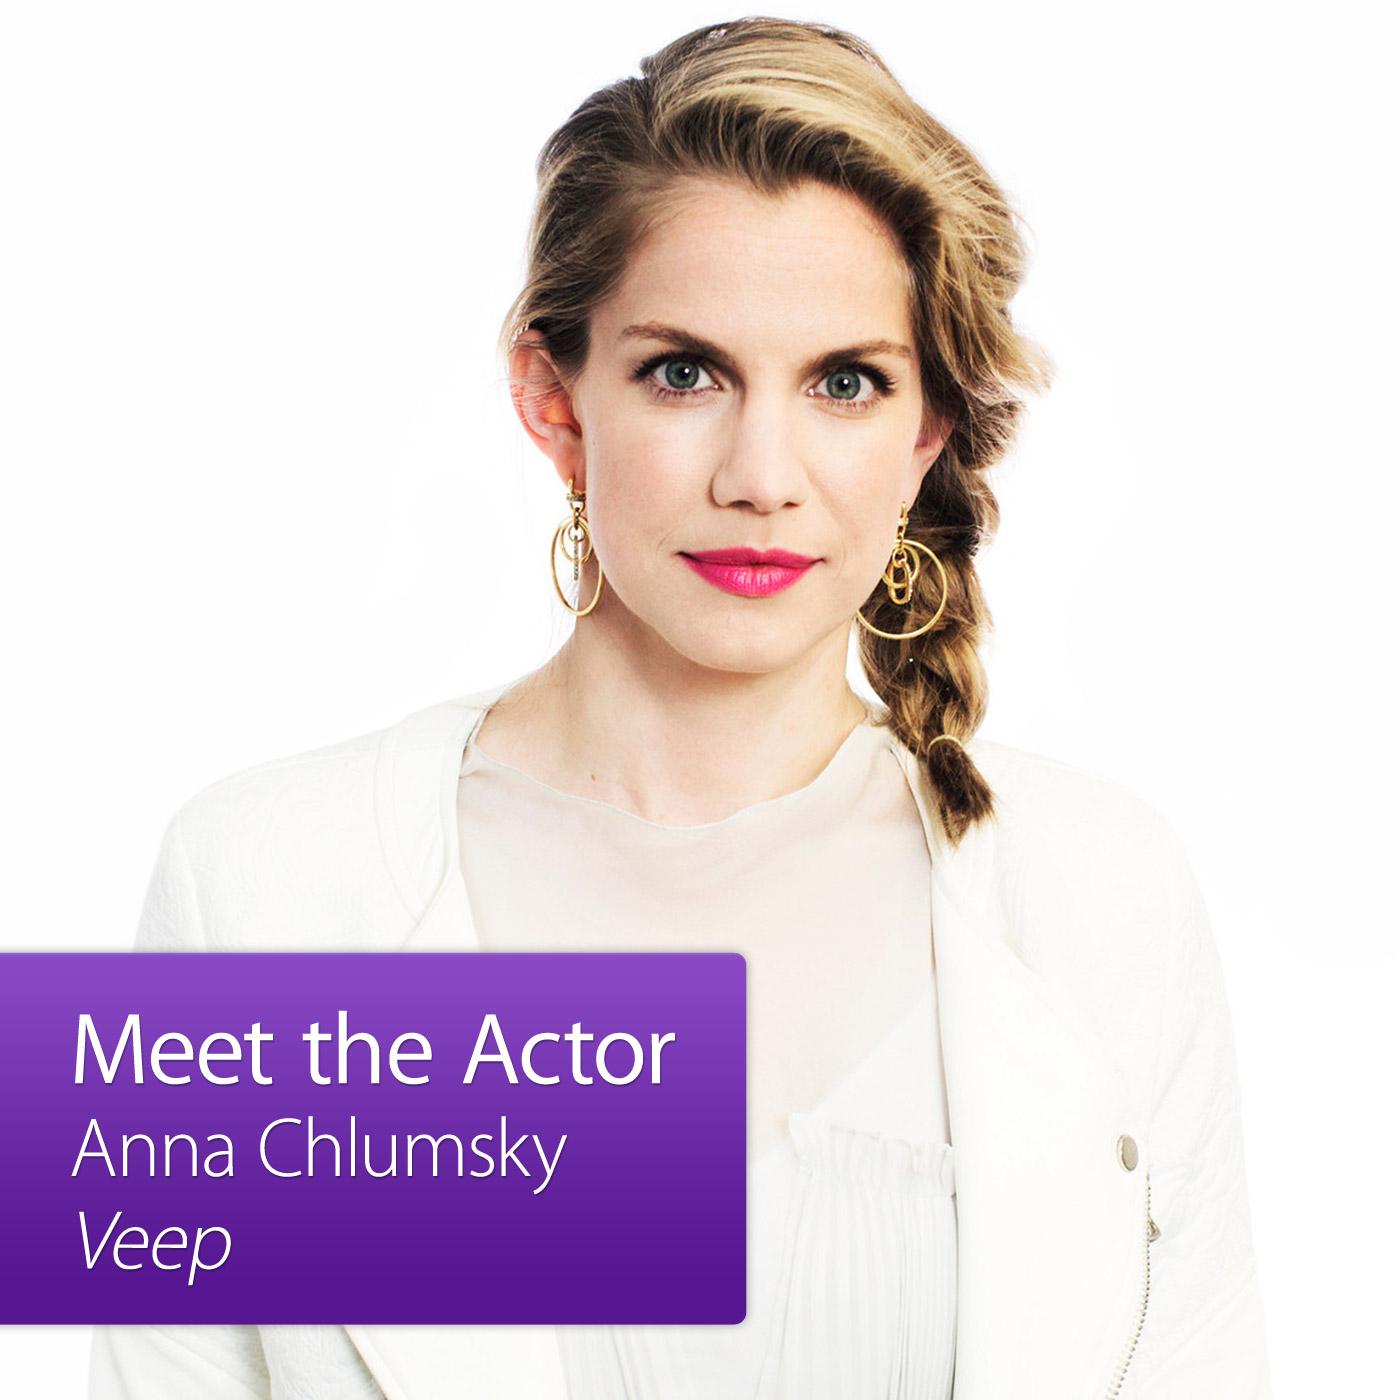 Anna Chlumsky, Veep: Meet the Actor